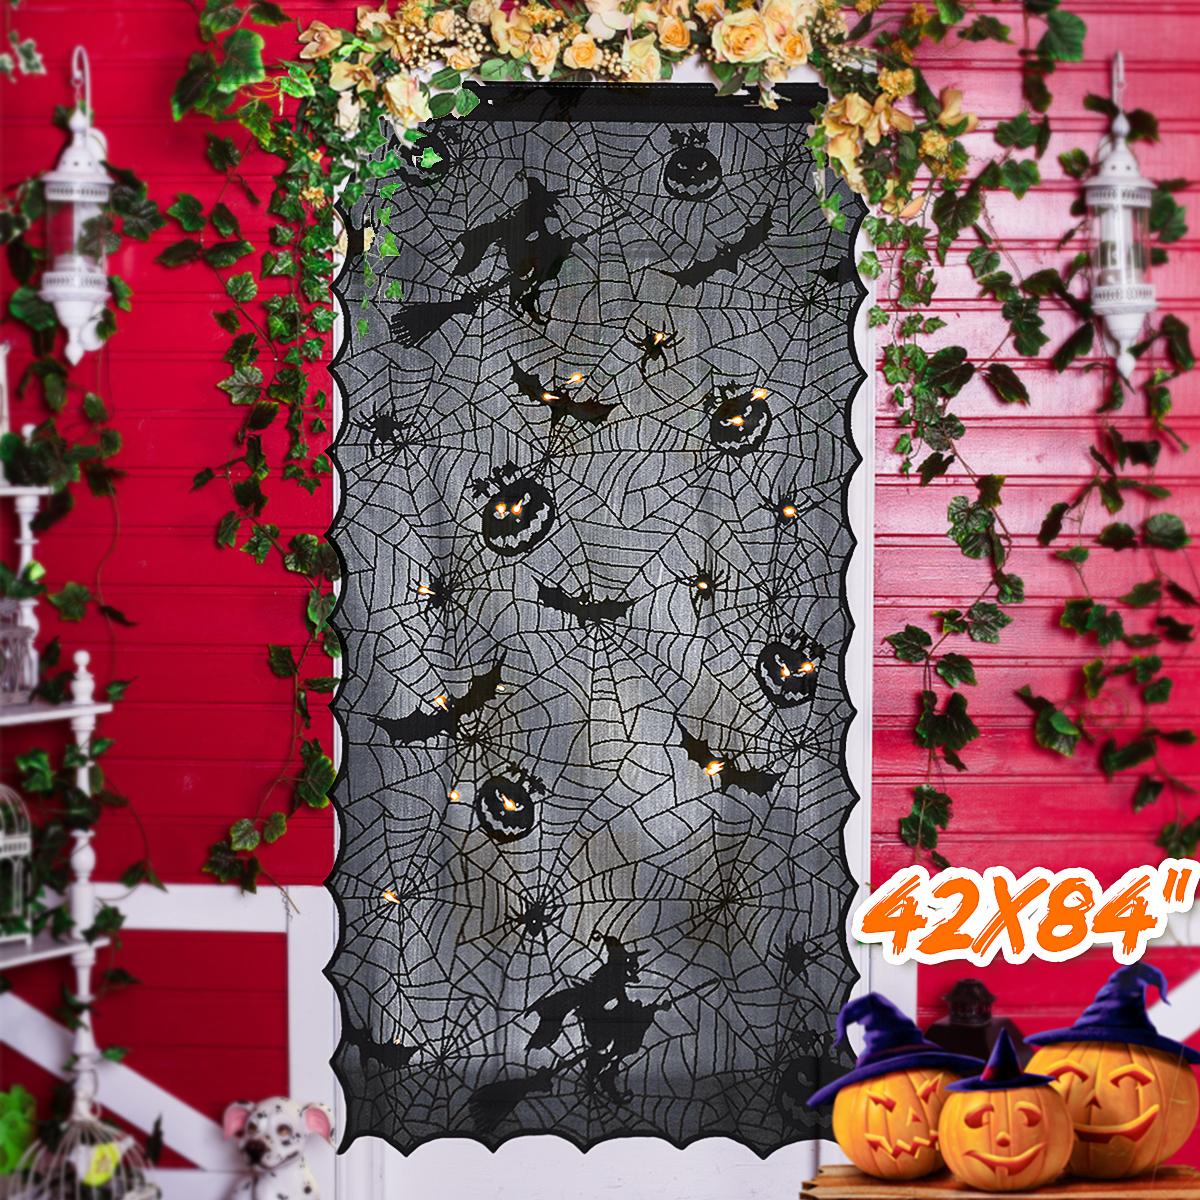 Rèm Cửa Vải Trang Trí Halloween Led Light Up Black Lace Window